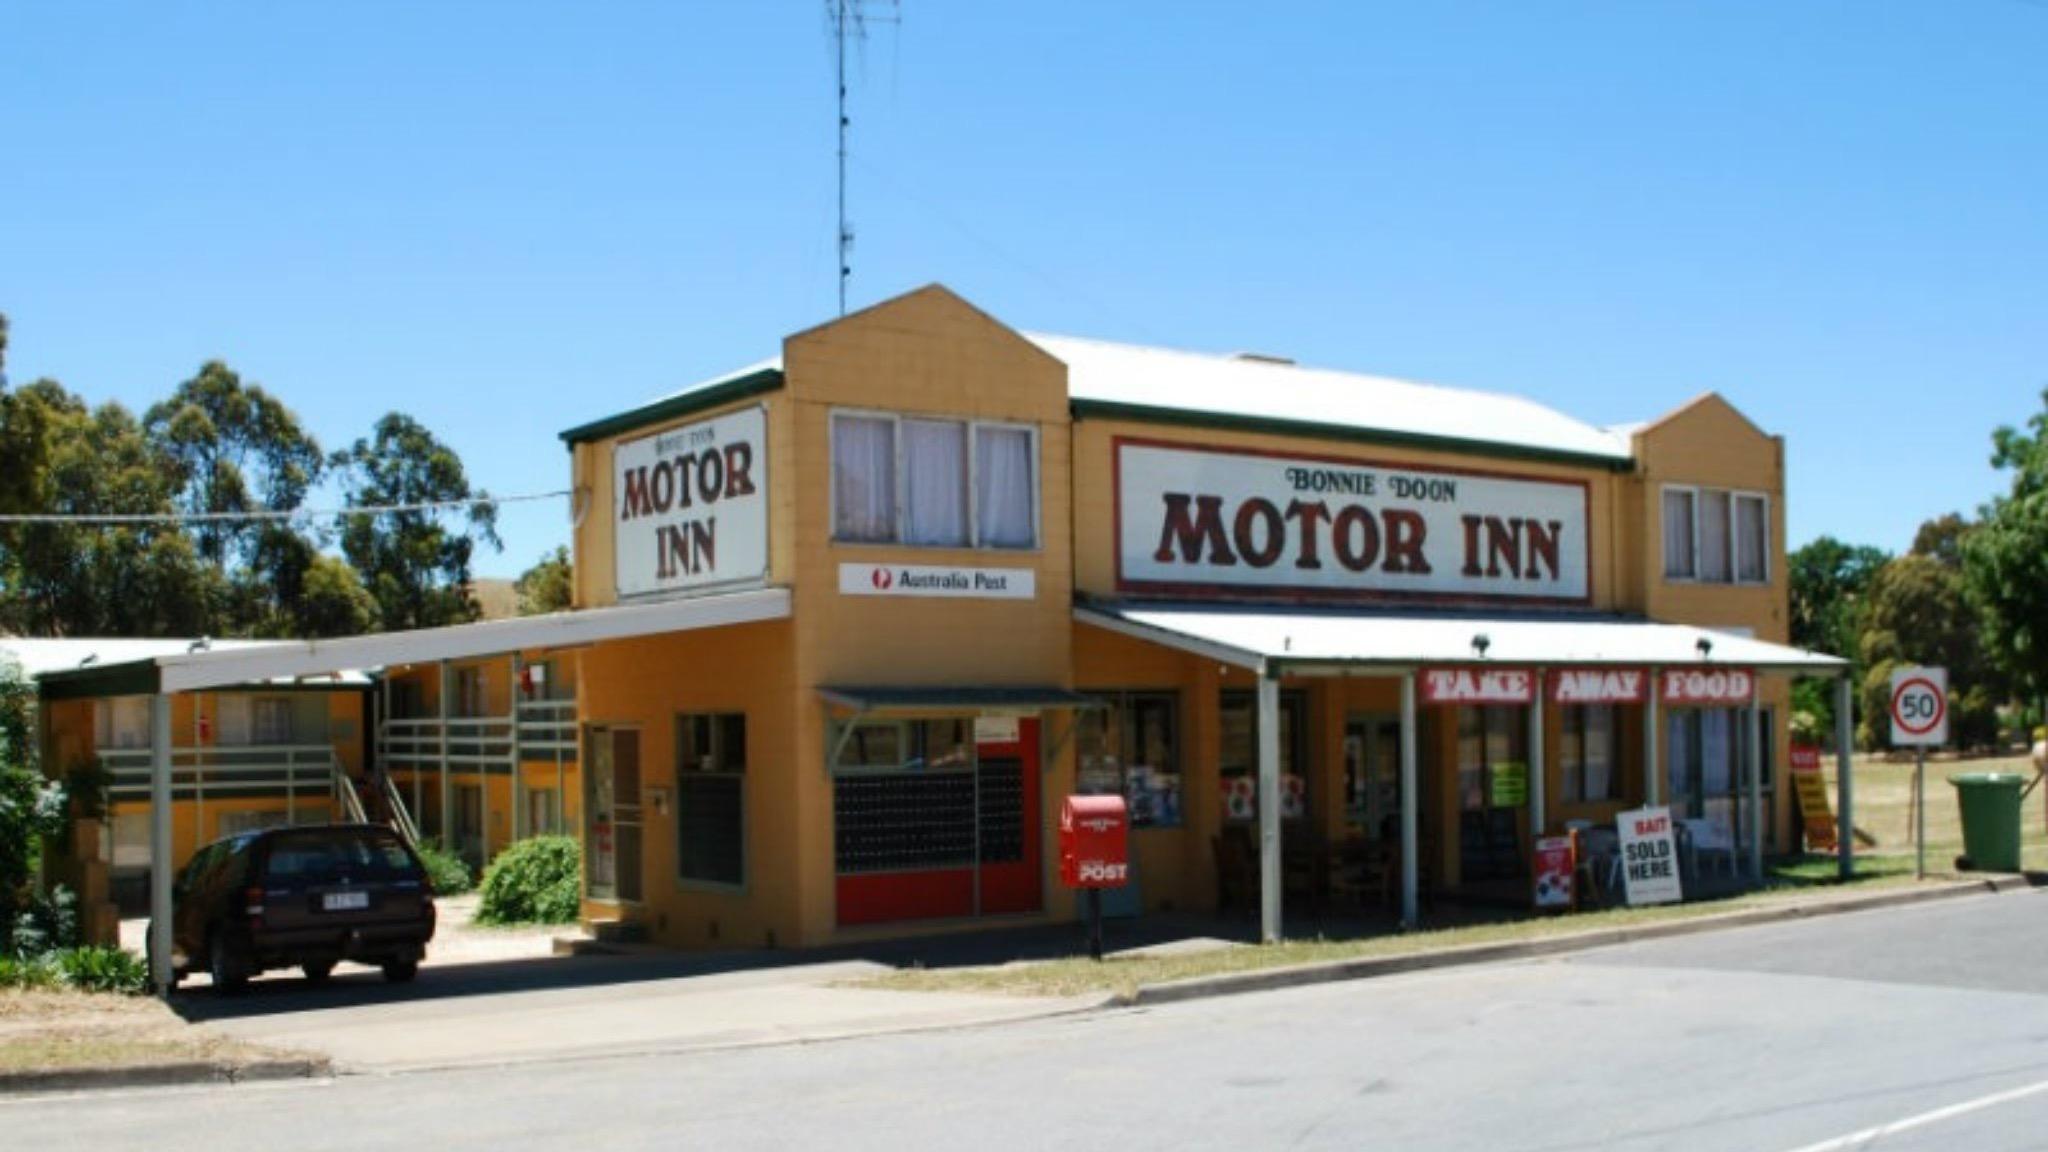 Bonnie Doon Motor Inn